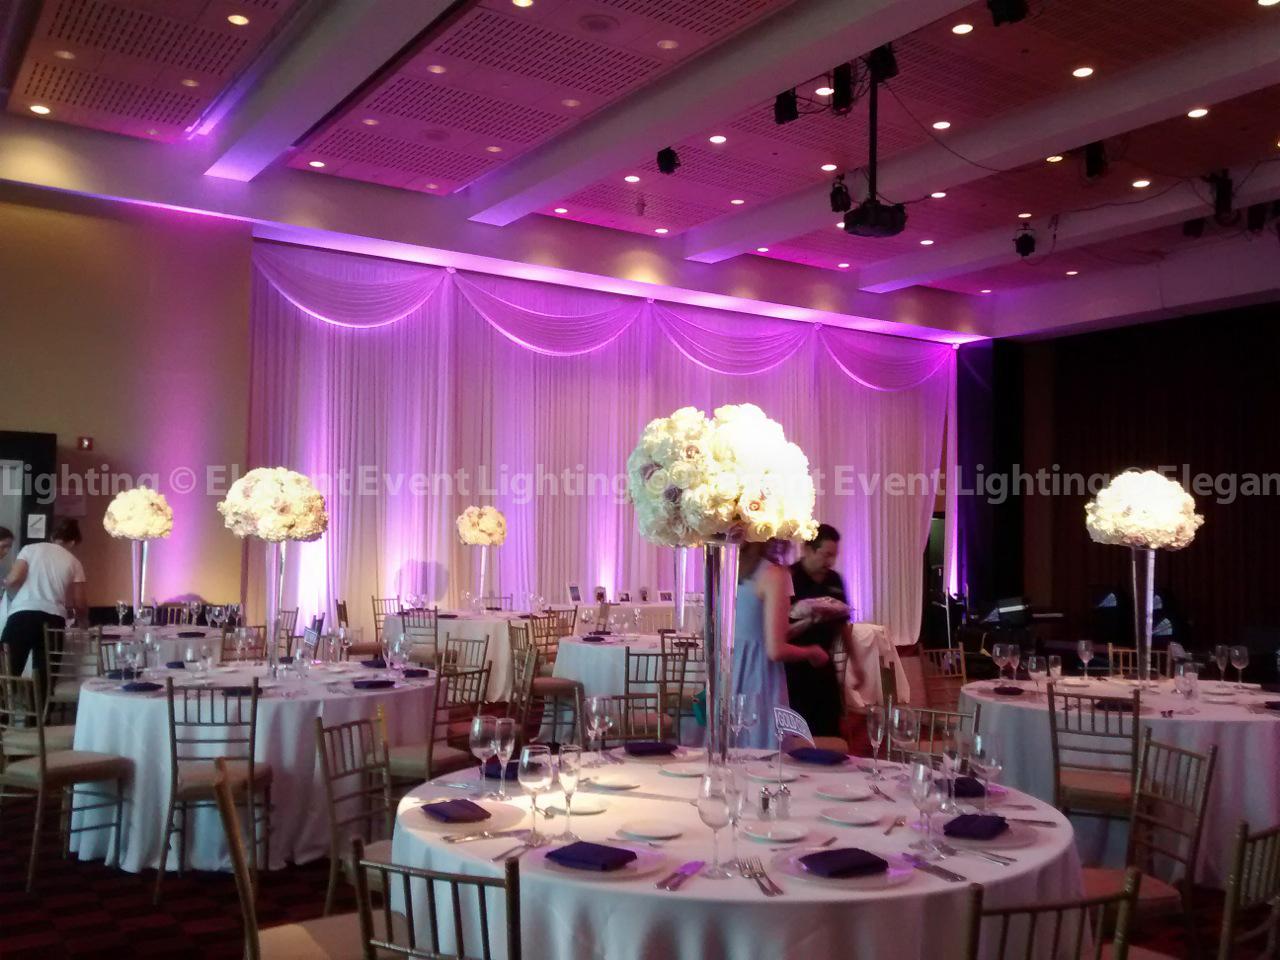 National Floral Design Day Elegant Event Lighting